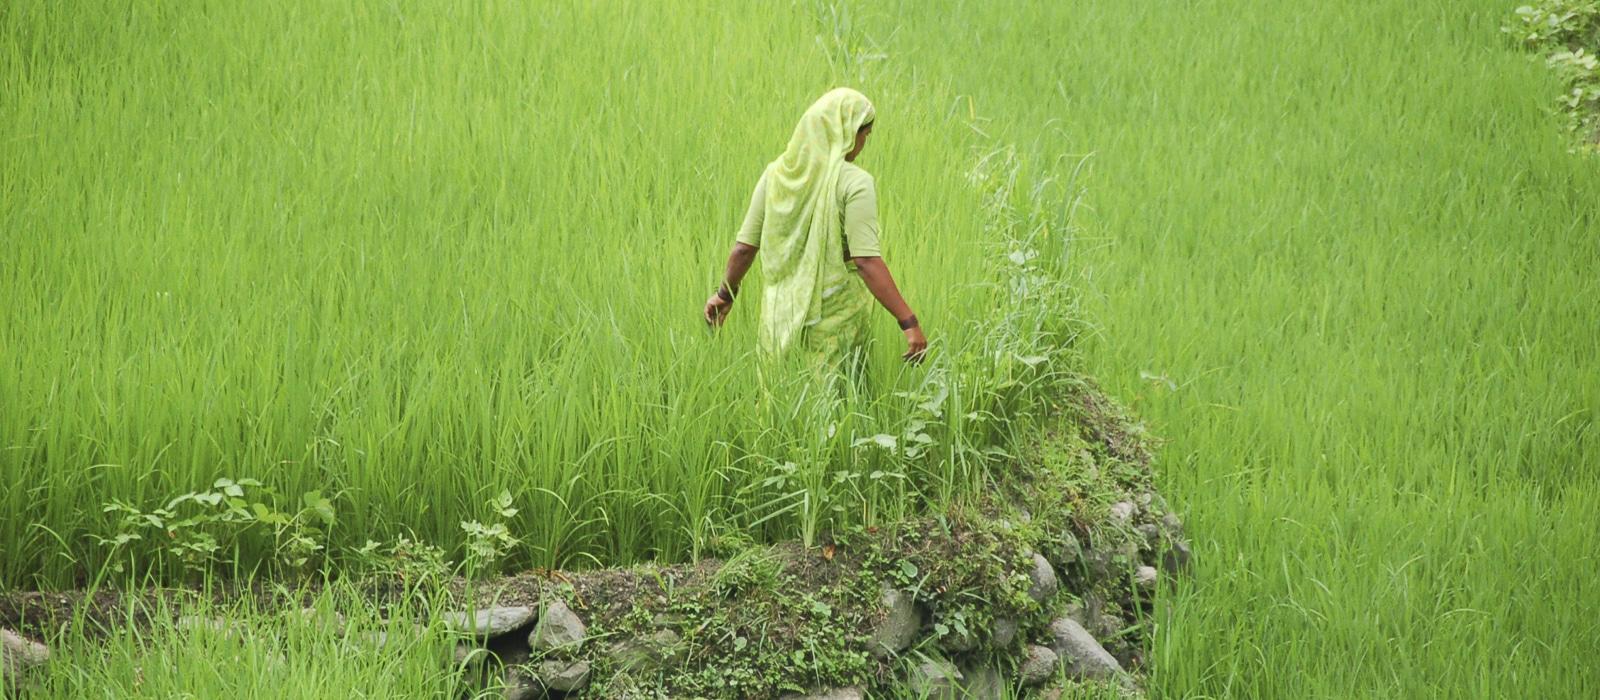 Voyage organisé sur mesure - Garhwal- Inde du nord - Agence de voyage Les Routes du Monde